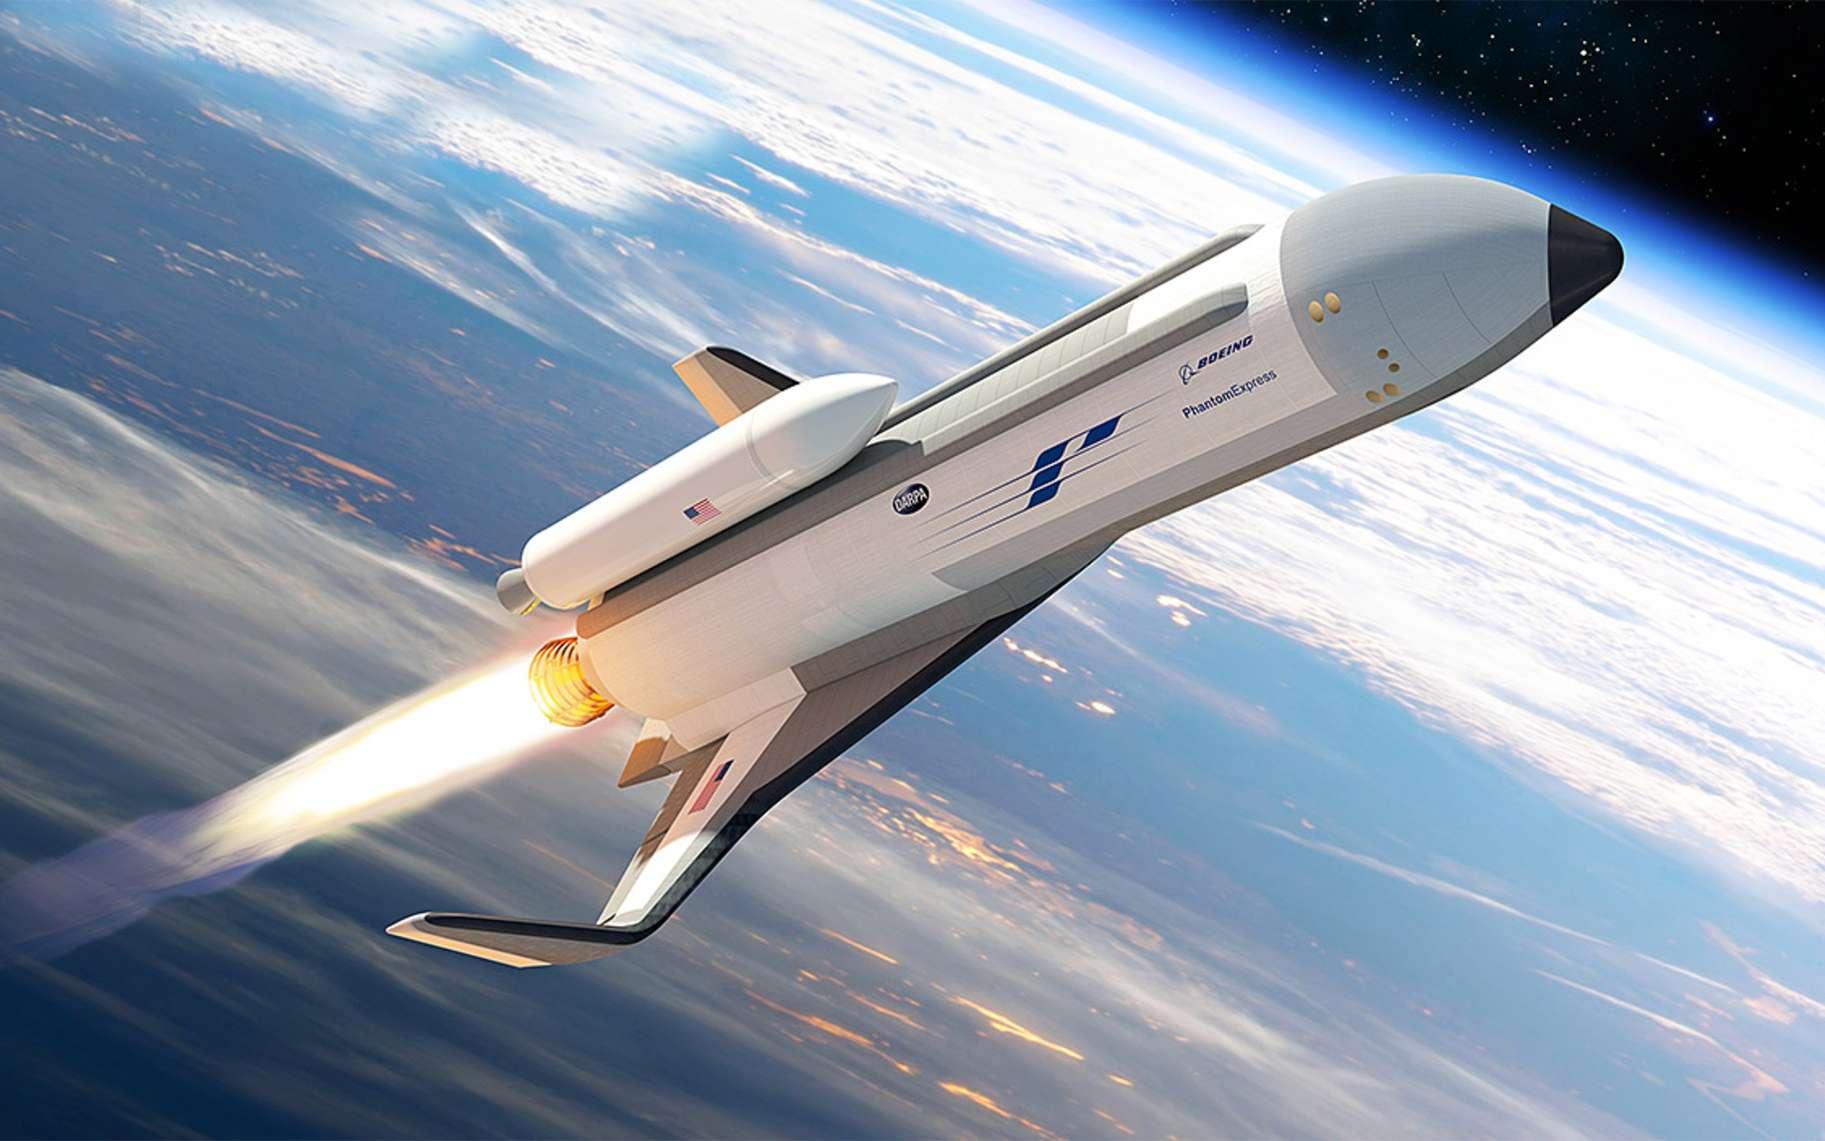 Le concept du XS-1 proposé par Boeing en réponse aux besoins de la Darpa, qui souhaite un lanceur réutilisable. © Phantom Works, Boeing